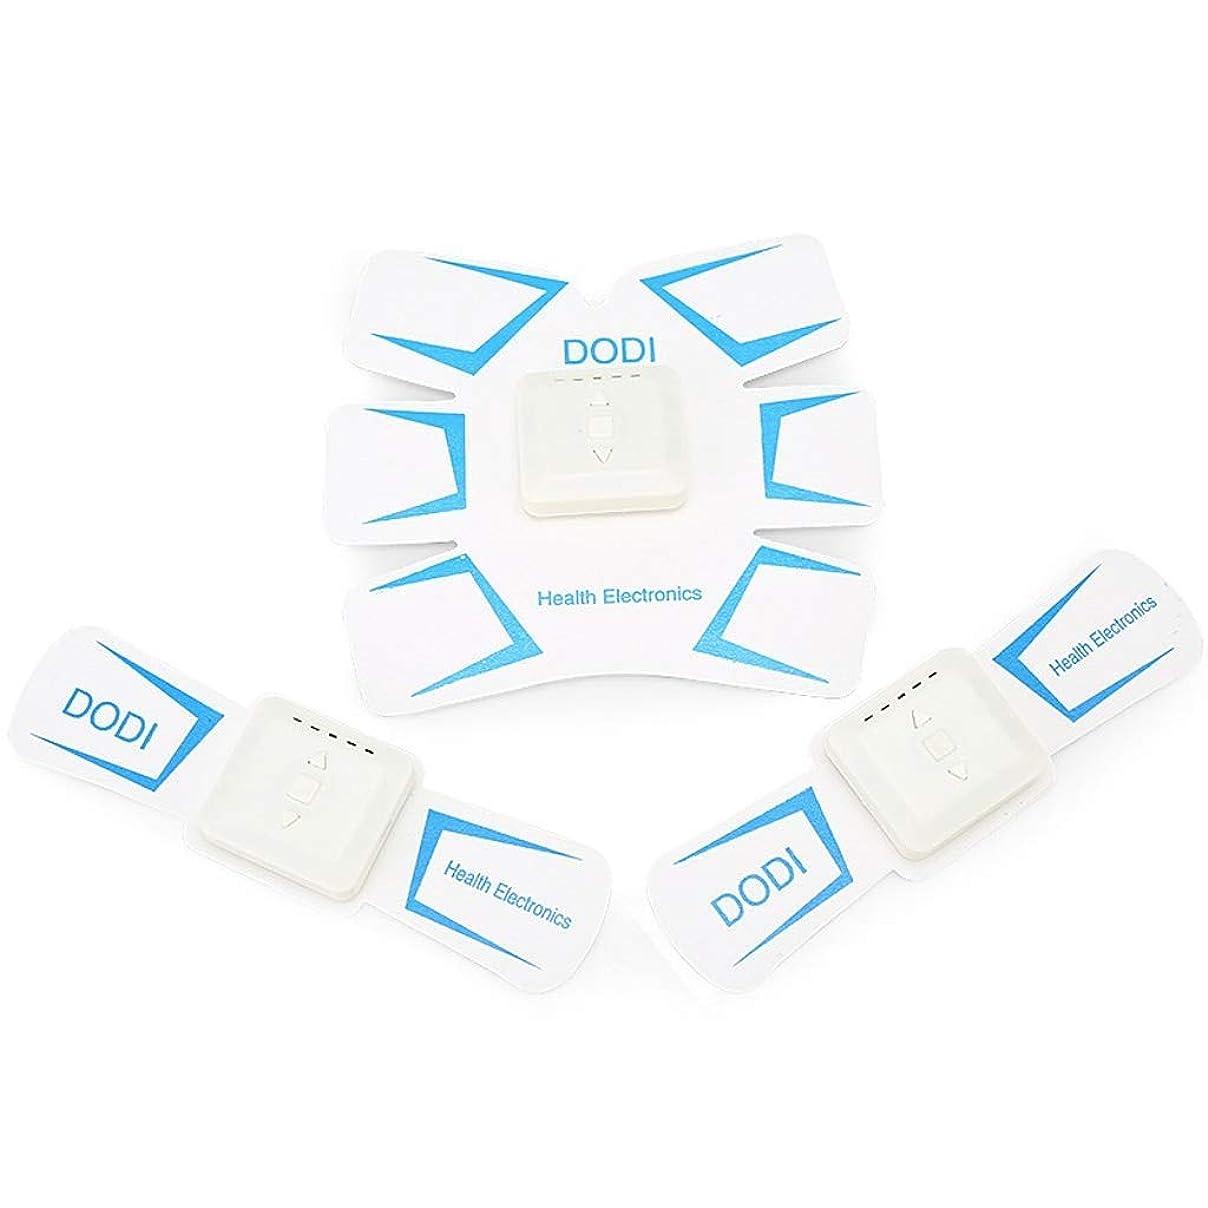 友だちグレー高めるABSトレーナーEMS筋肉刺激装置付き - USB充電式究極腹部刺激装置付きリズム&ソフトインパルス - ポータブルマッスルトナー (Color : White)